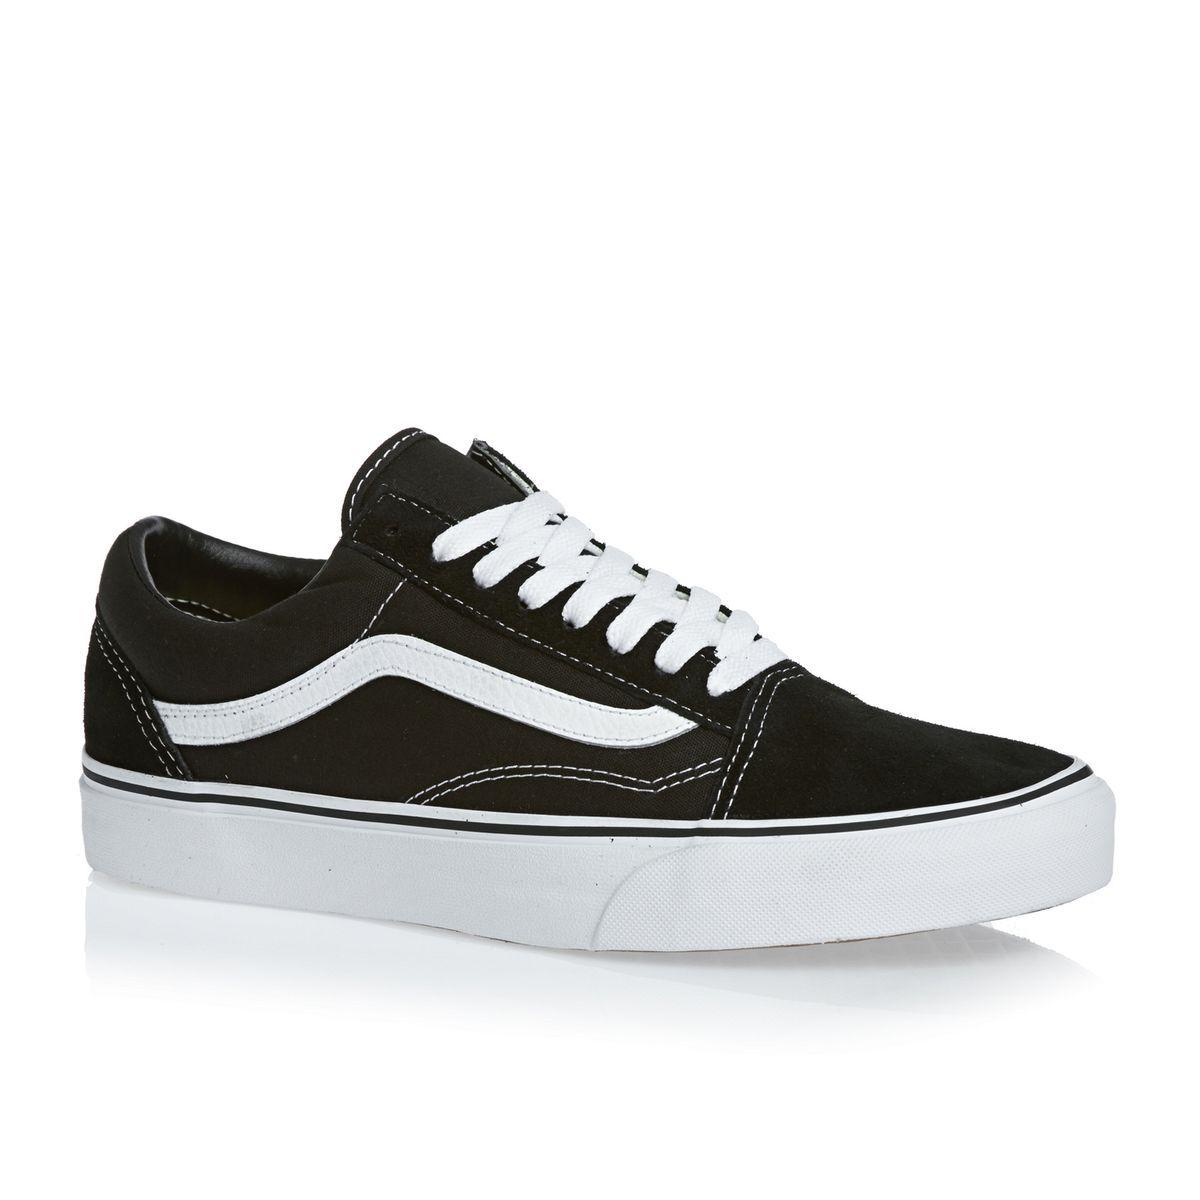 Vans Shoes - Vans Old Skool Shoes - Black White